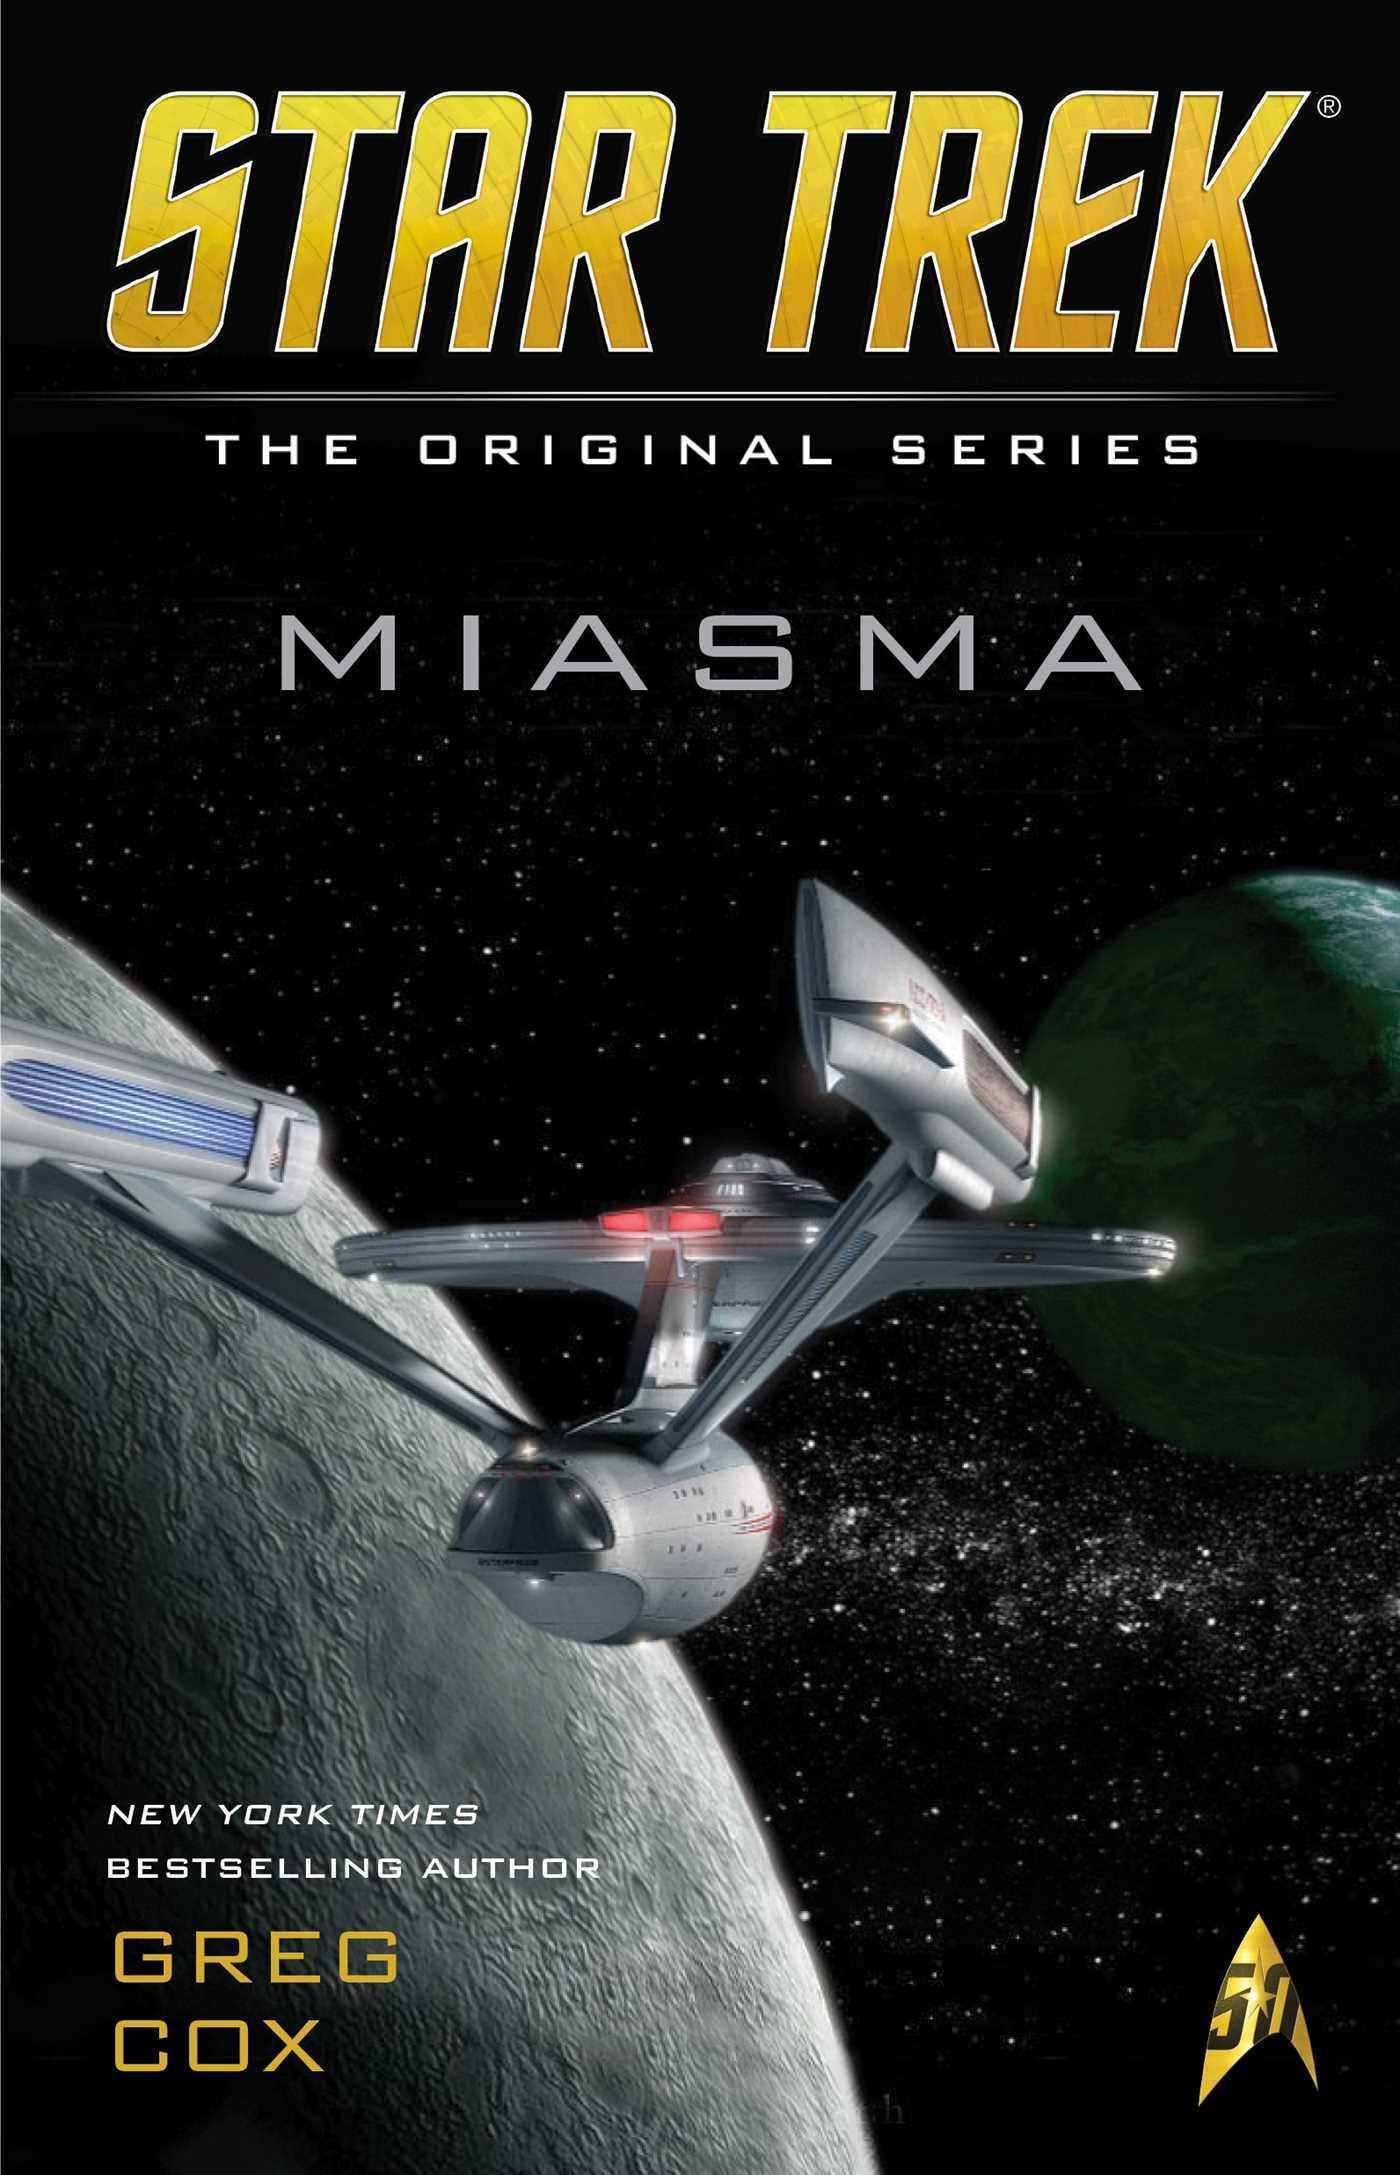 Miasma 9781501125317 hr